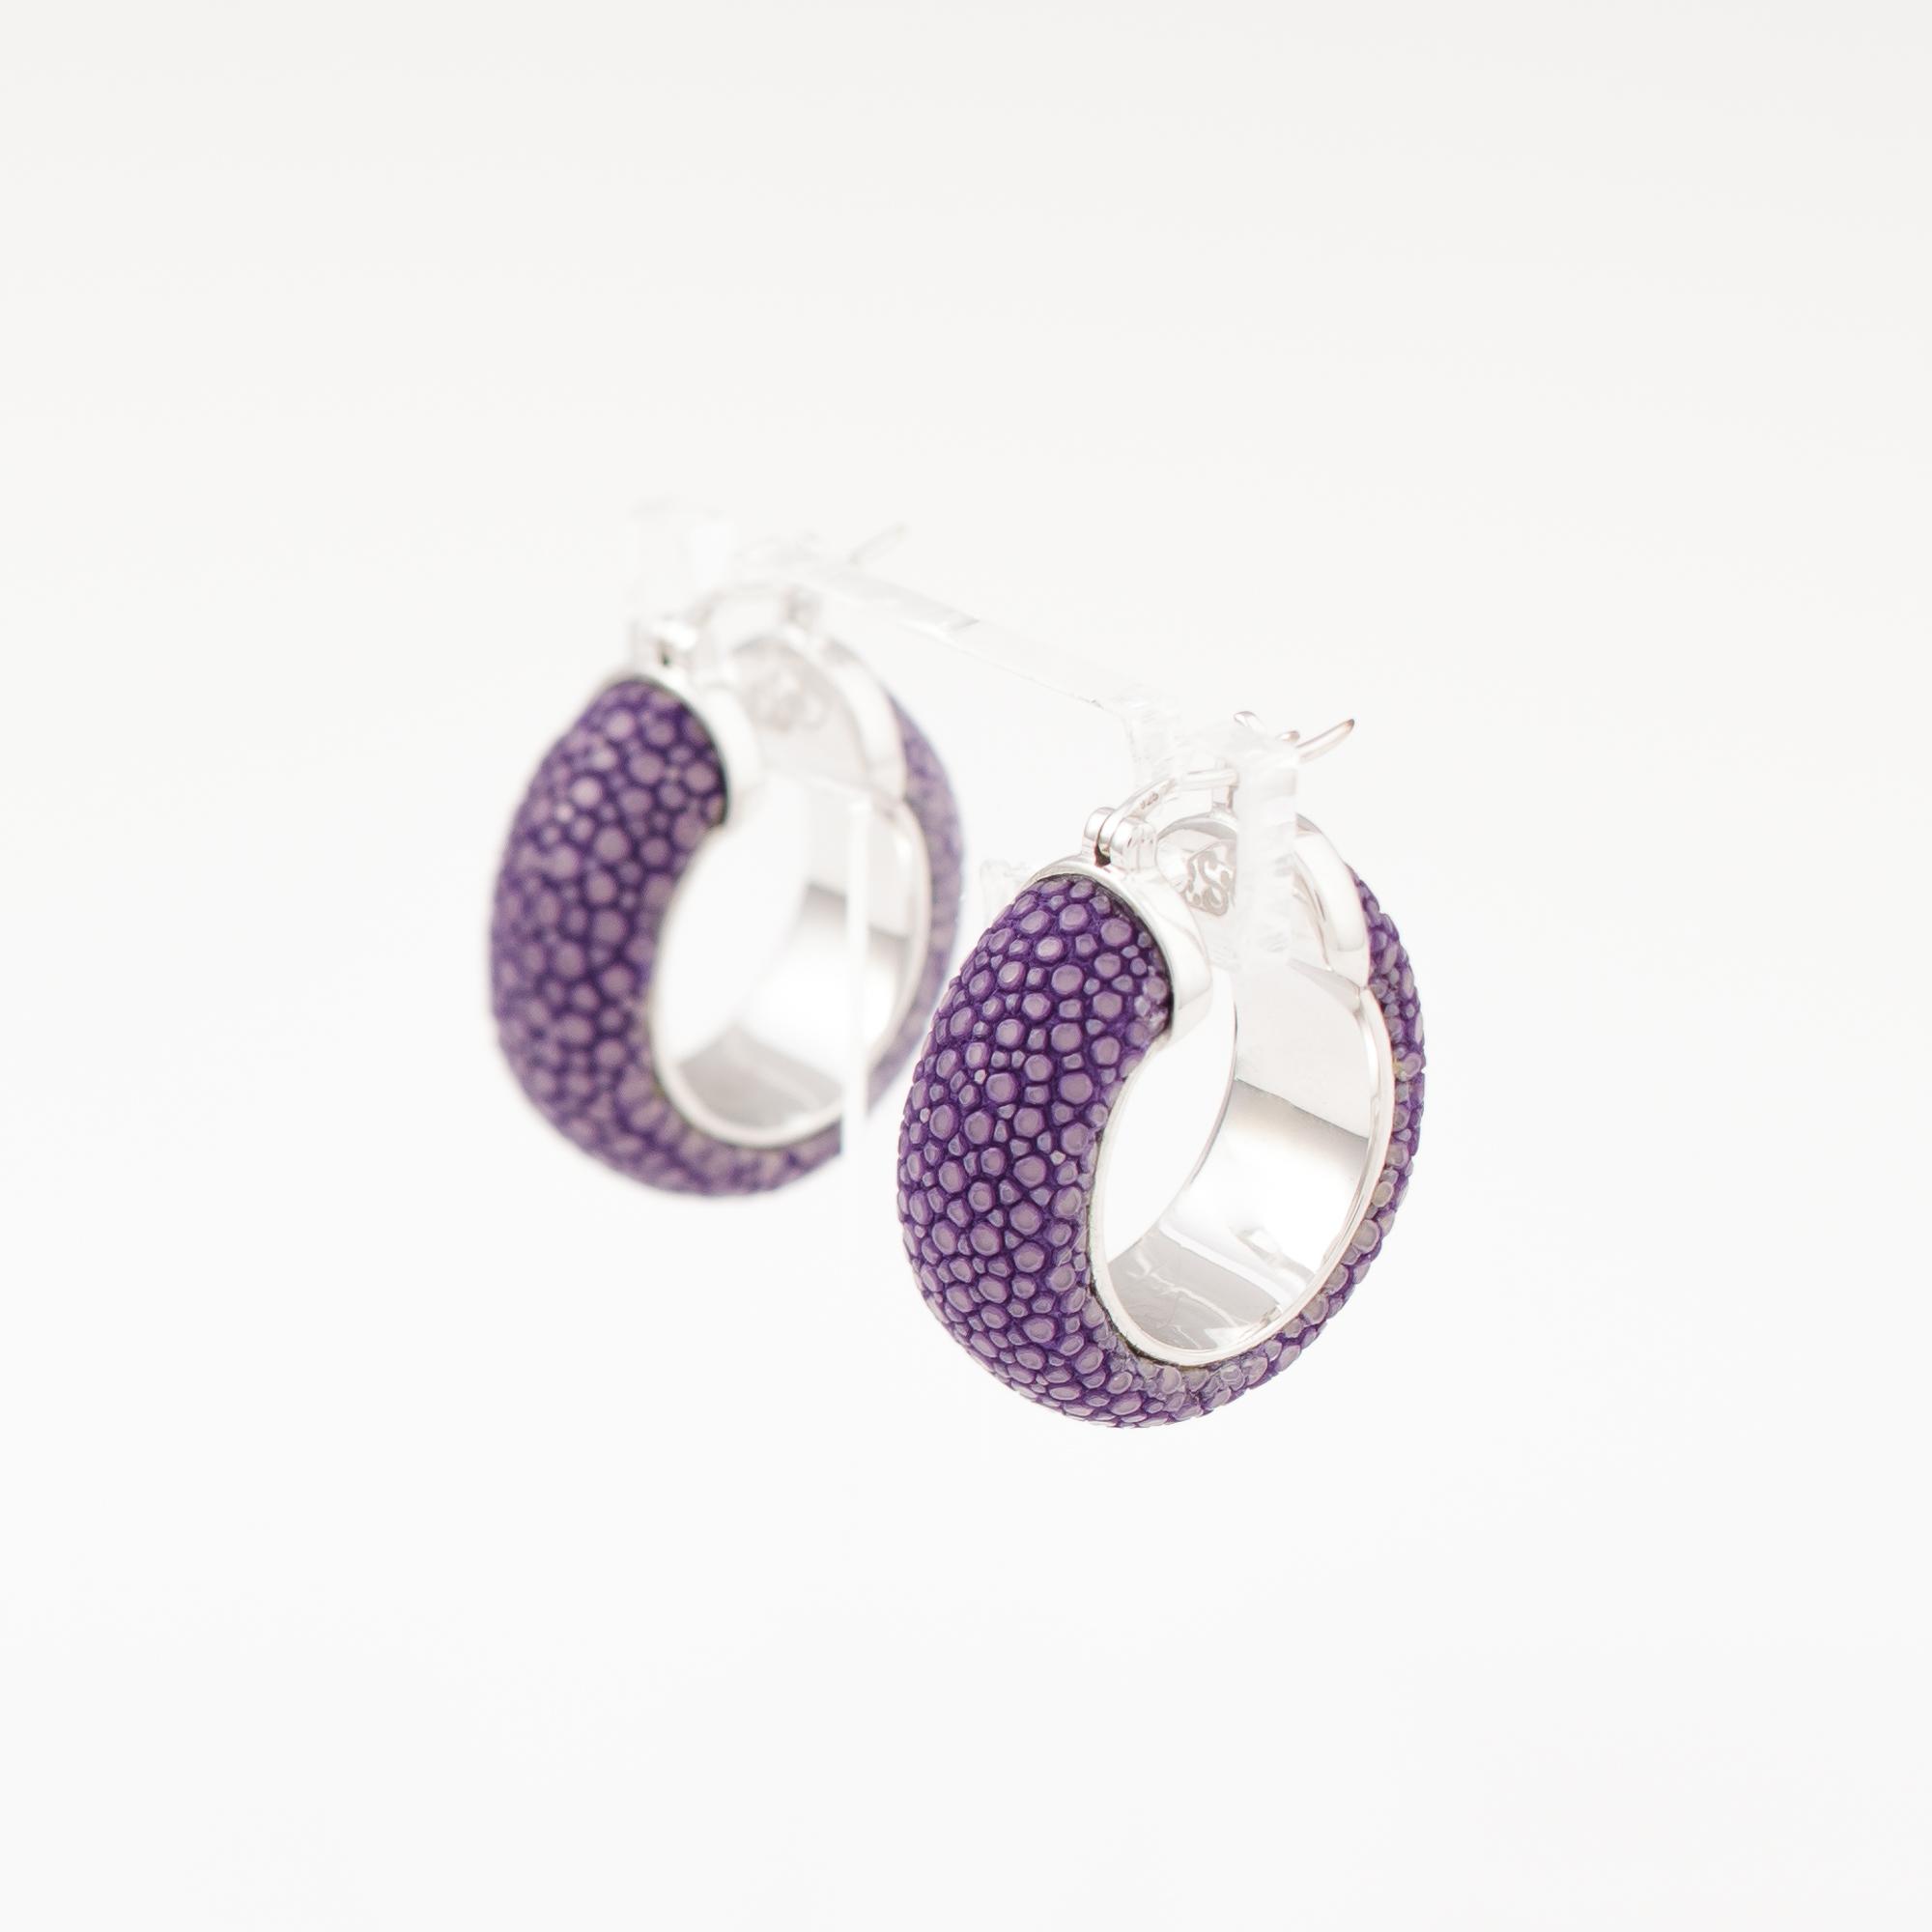 tresor-by-flore-galuchat-boucles-d-oreilles-simplicite-lavande